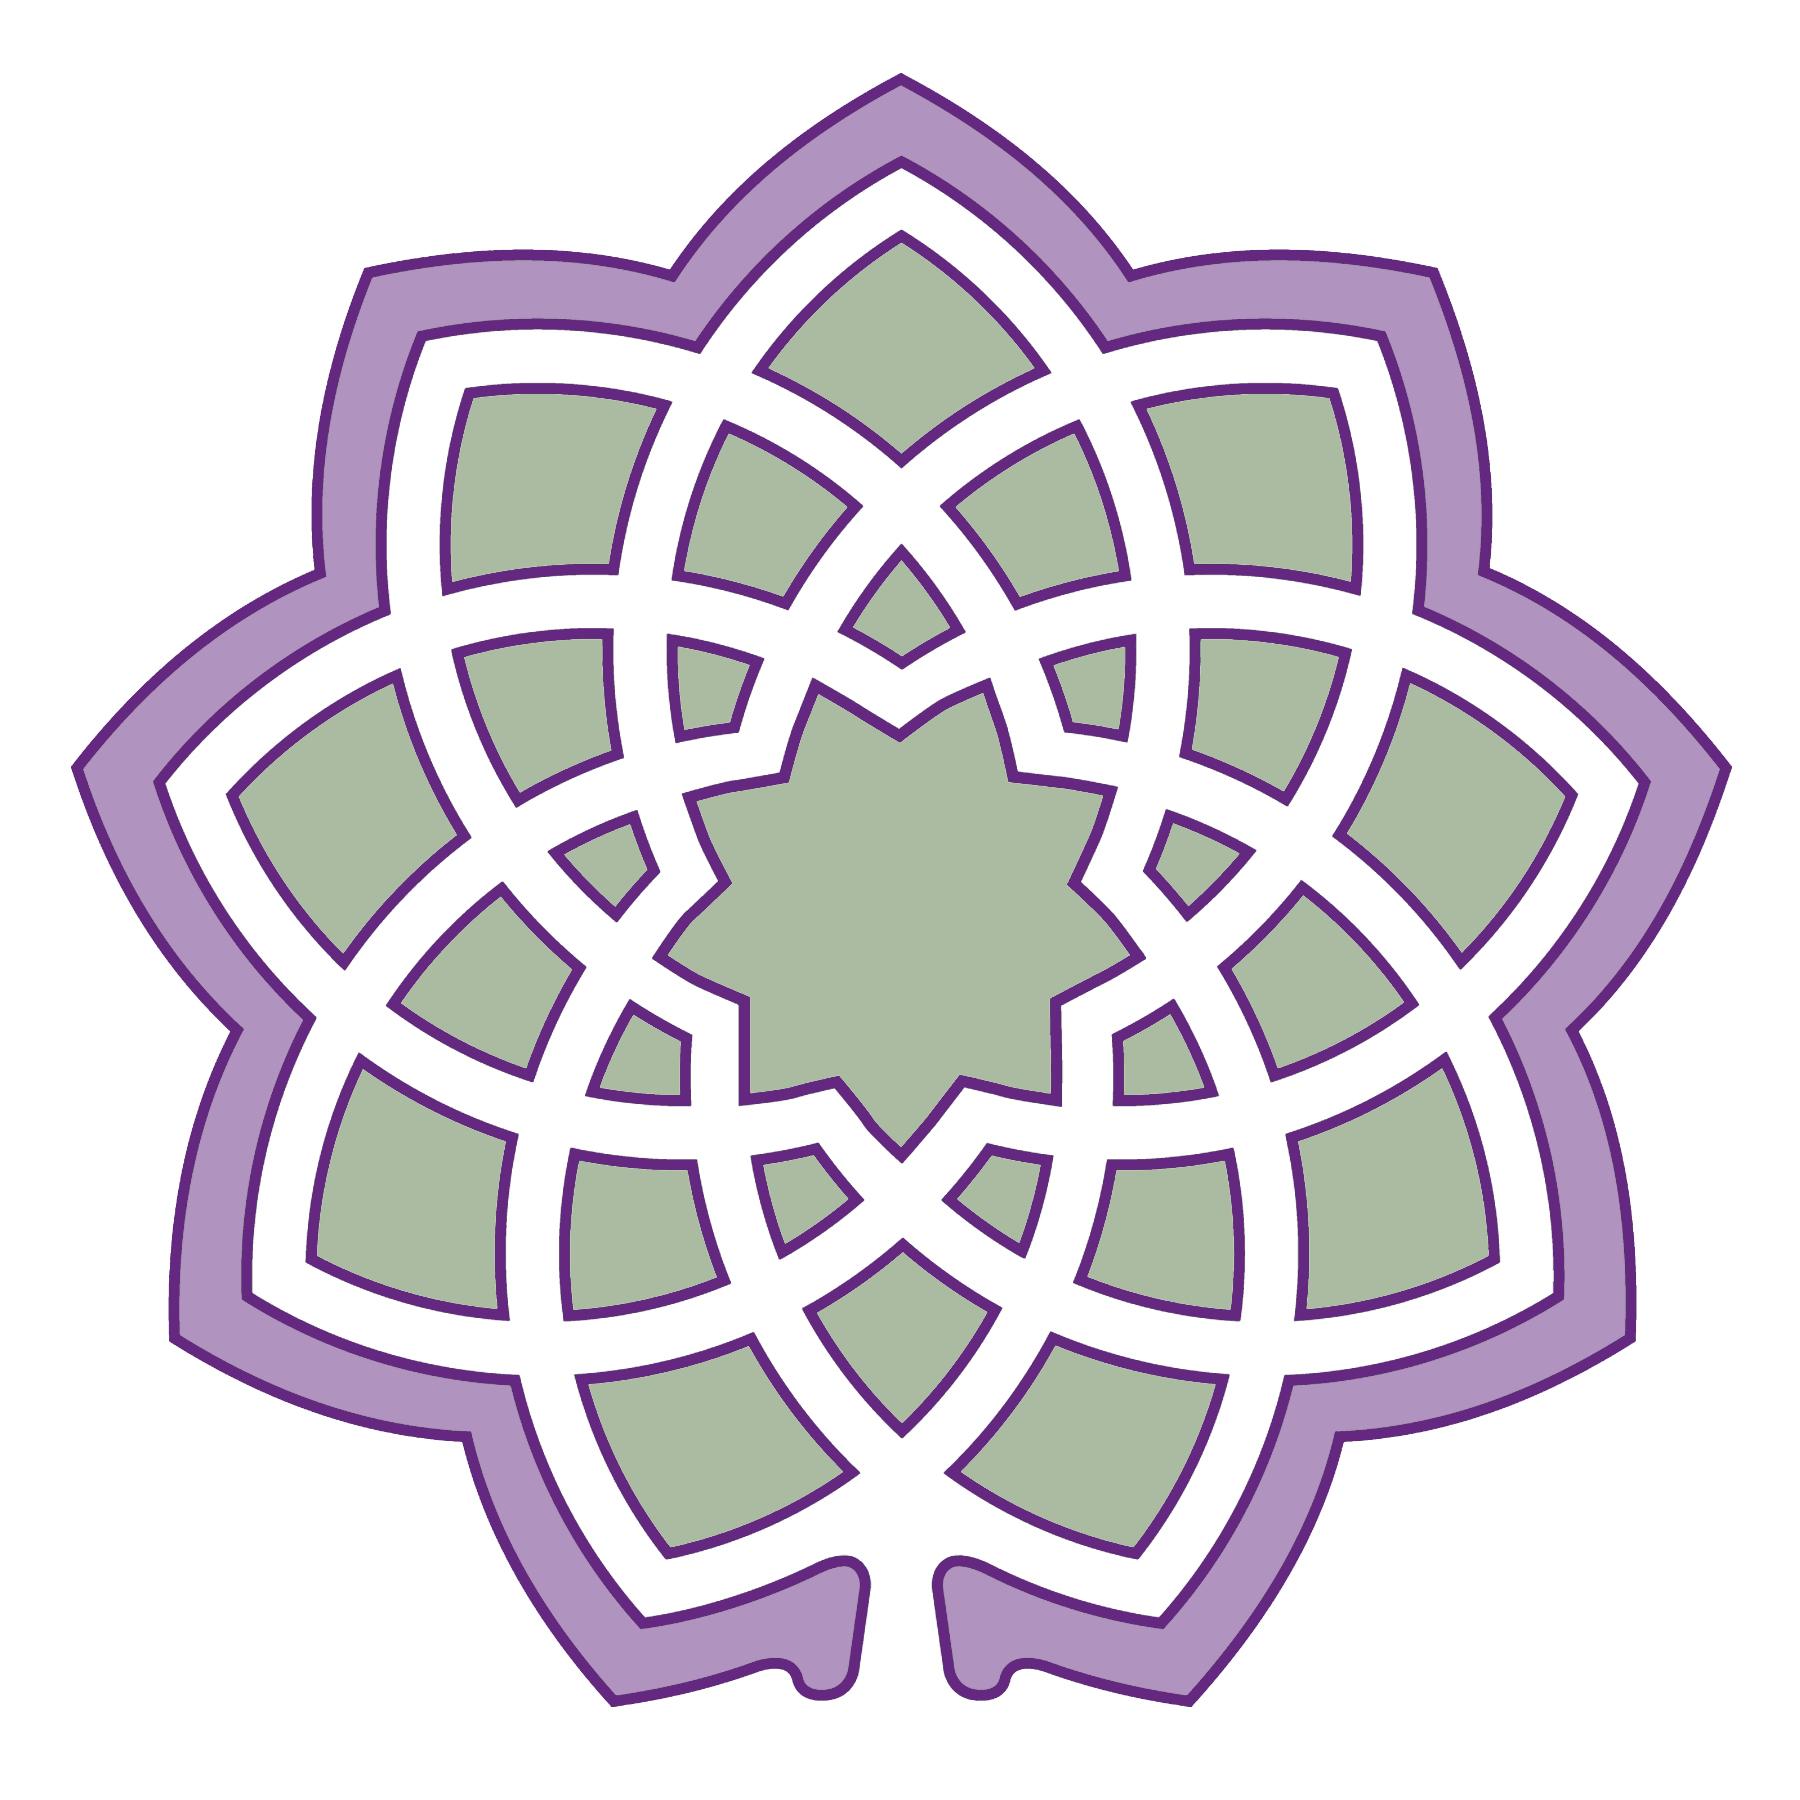 9petal_vesica_path_drawing-violet.jpg